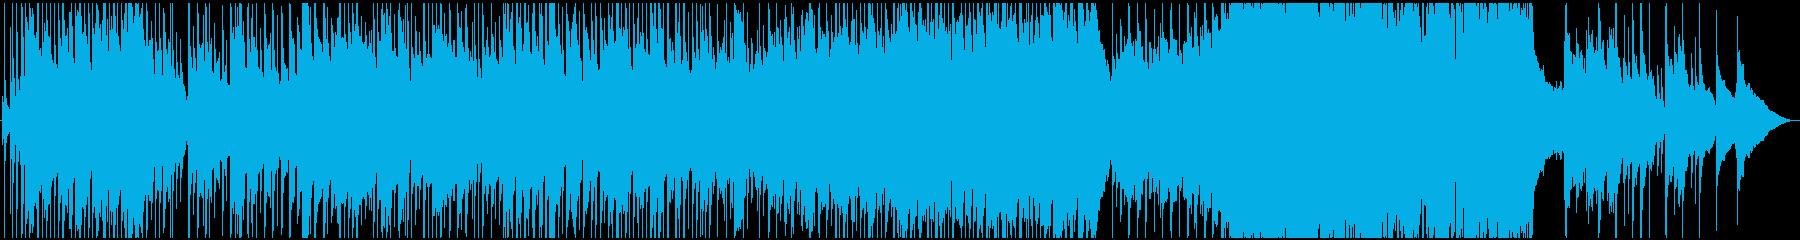 感情的でポップなバラード楽器の再生済みの波形